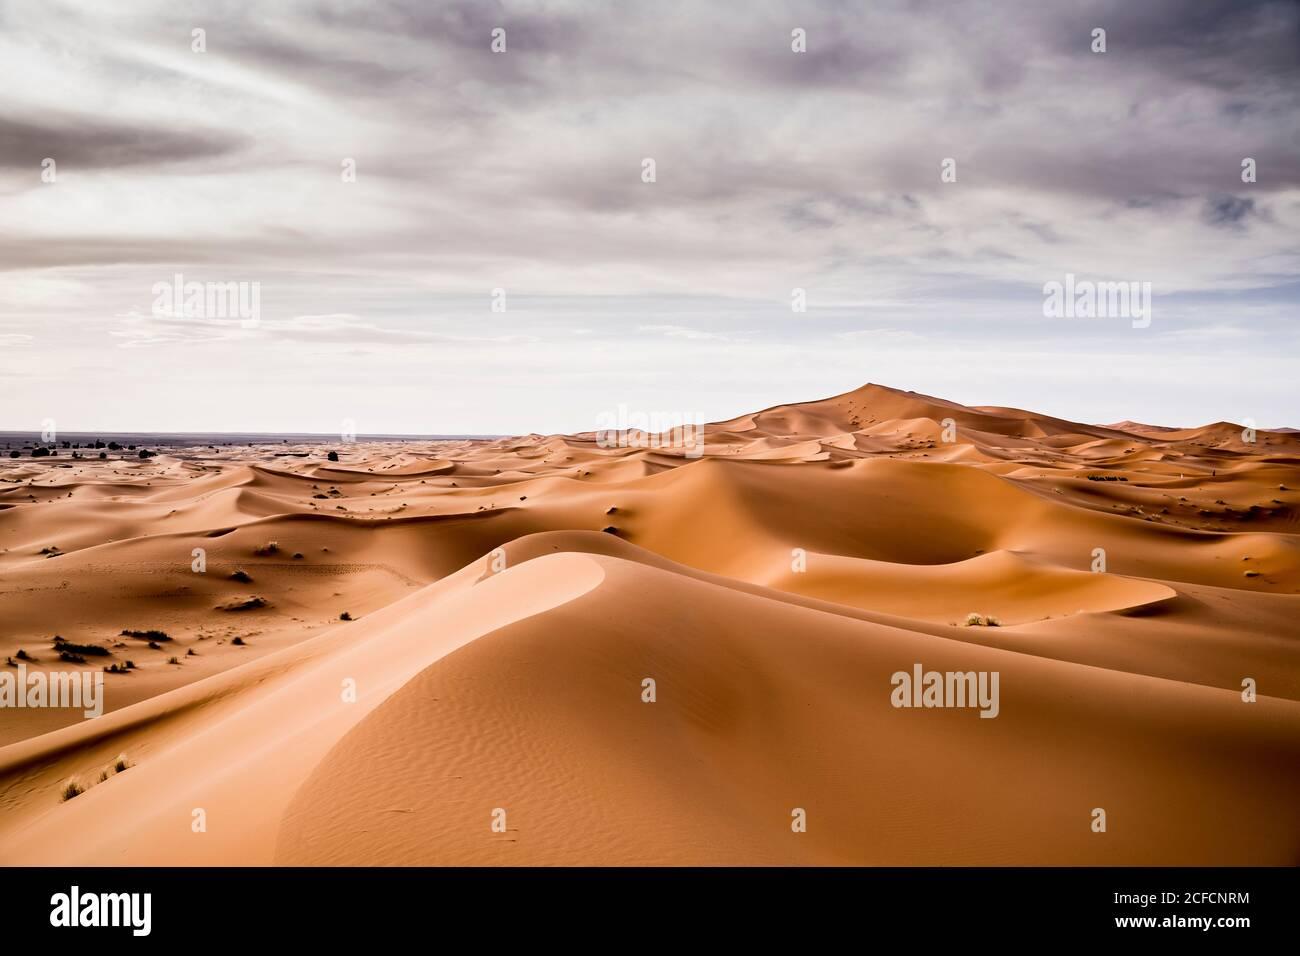 Paesaggio di deserto con colline di sabbia a Marrakech, Marocco Foto Stock